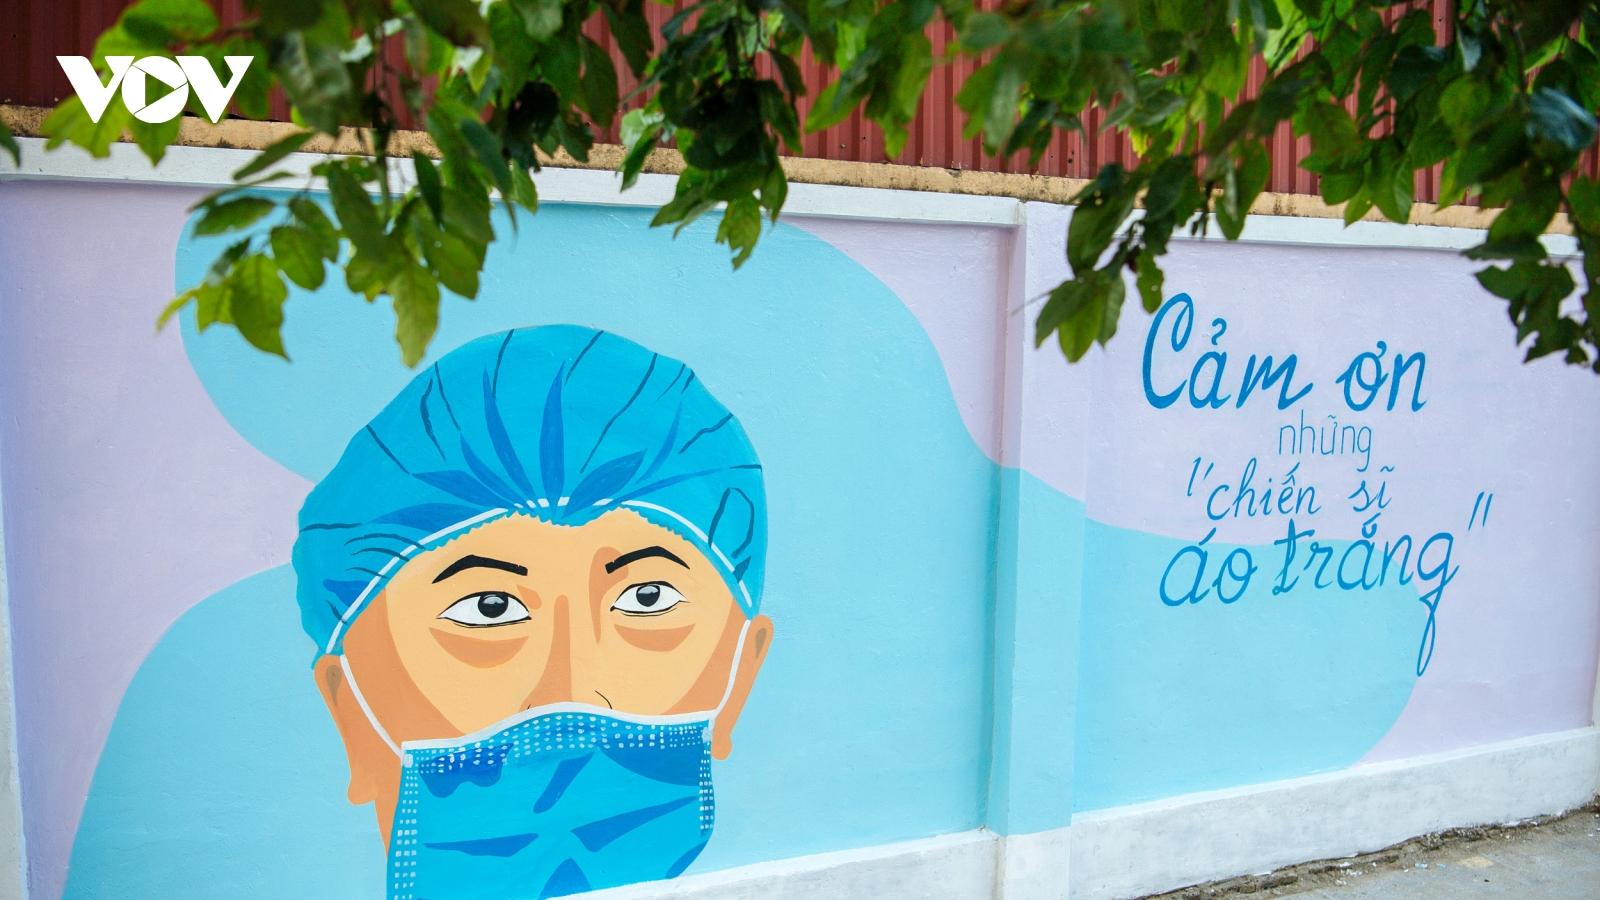 Độc đáo góc phố bích hoạ tuyên truyền phòng chống dịch Covid-19 tại Hà Nội